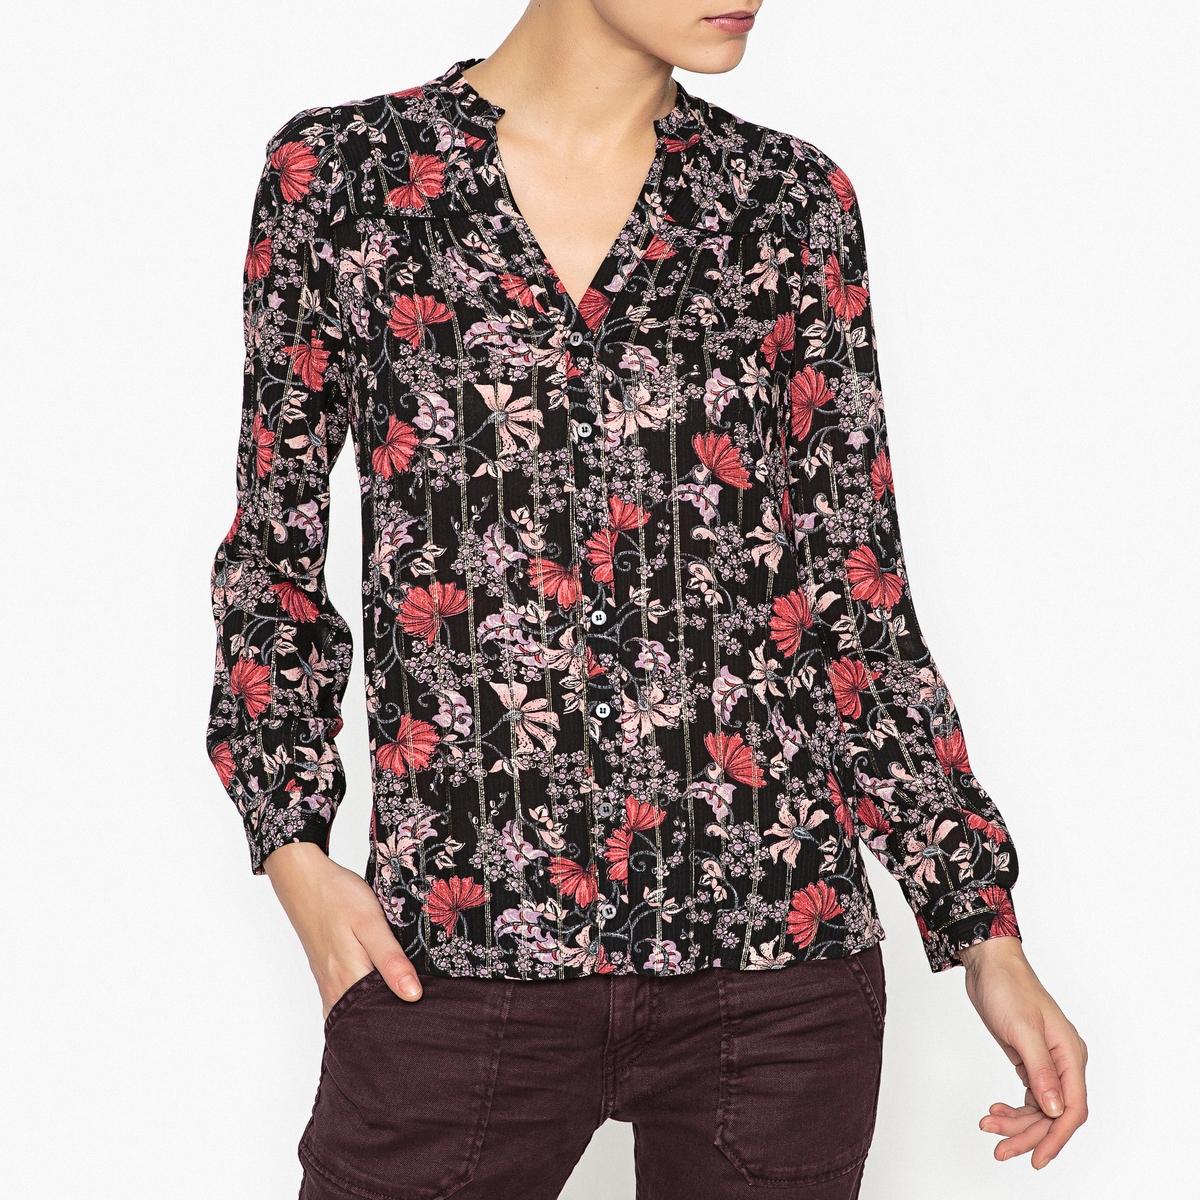 Рубашка блестящая с рисунком и длинными рукавами EDGYБлестящая рубашка с рисунком BA&amp;SH - модель EDGY с окантовкой.Детали  •  Длинные рукава •  Прямой покрой •  Воротник-поло, рубашечный •  Рисунок-принт Состав и уход  •  98% вискозы, 2% металлизированных волокон •  Следуйте рекомендациям по уходу, указанным на этикетке изделия •  Сборки на плечах •  V-образный вырез со складками сзади •  Застежка на пуговицы спереди, манжеты на пуговицах<br><br>Цвет: красный,черный